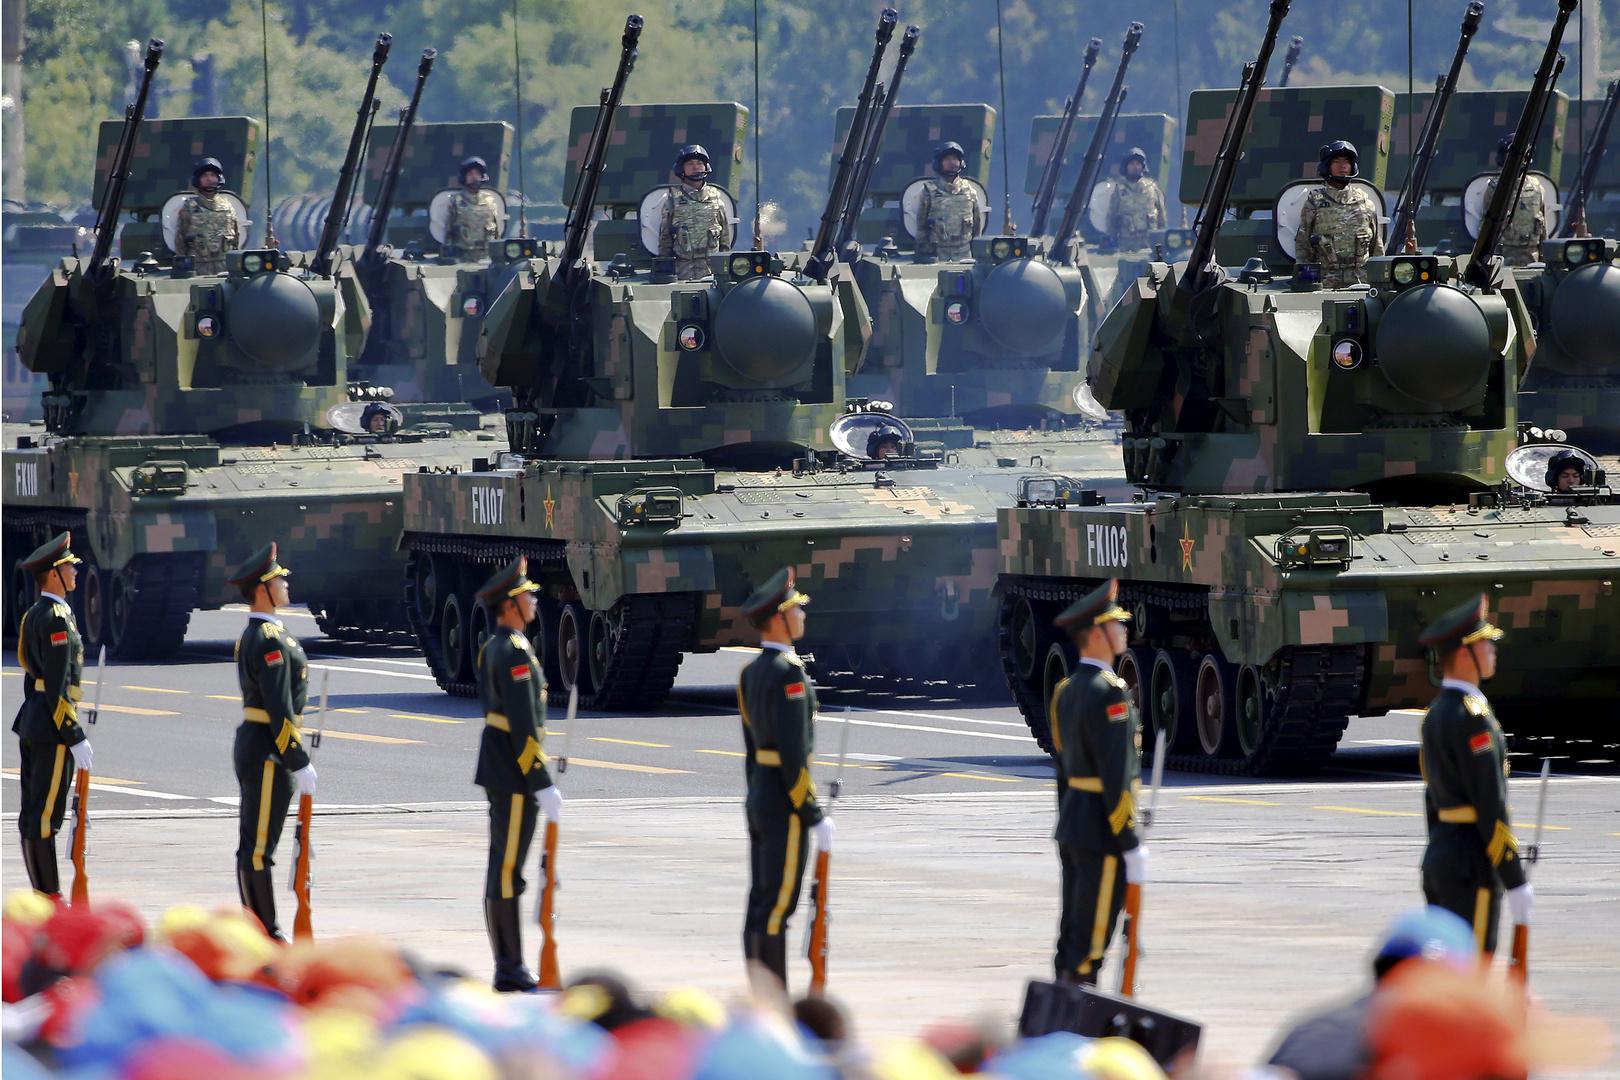 بكين ترفض تقريرا أمريكيا عن الرؤوس النووية الصينية